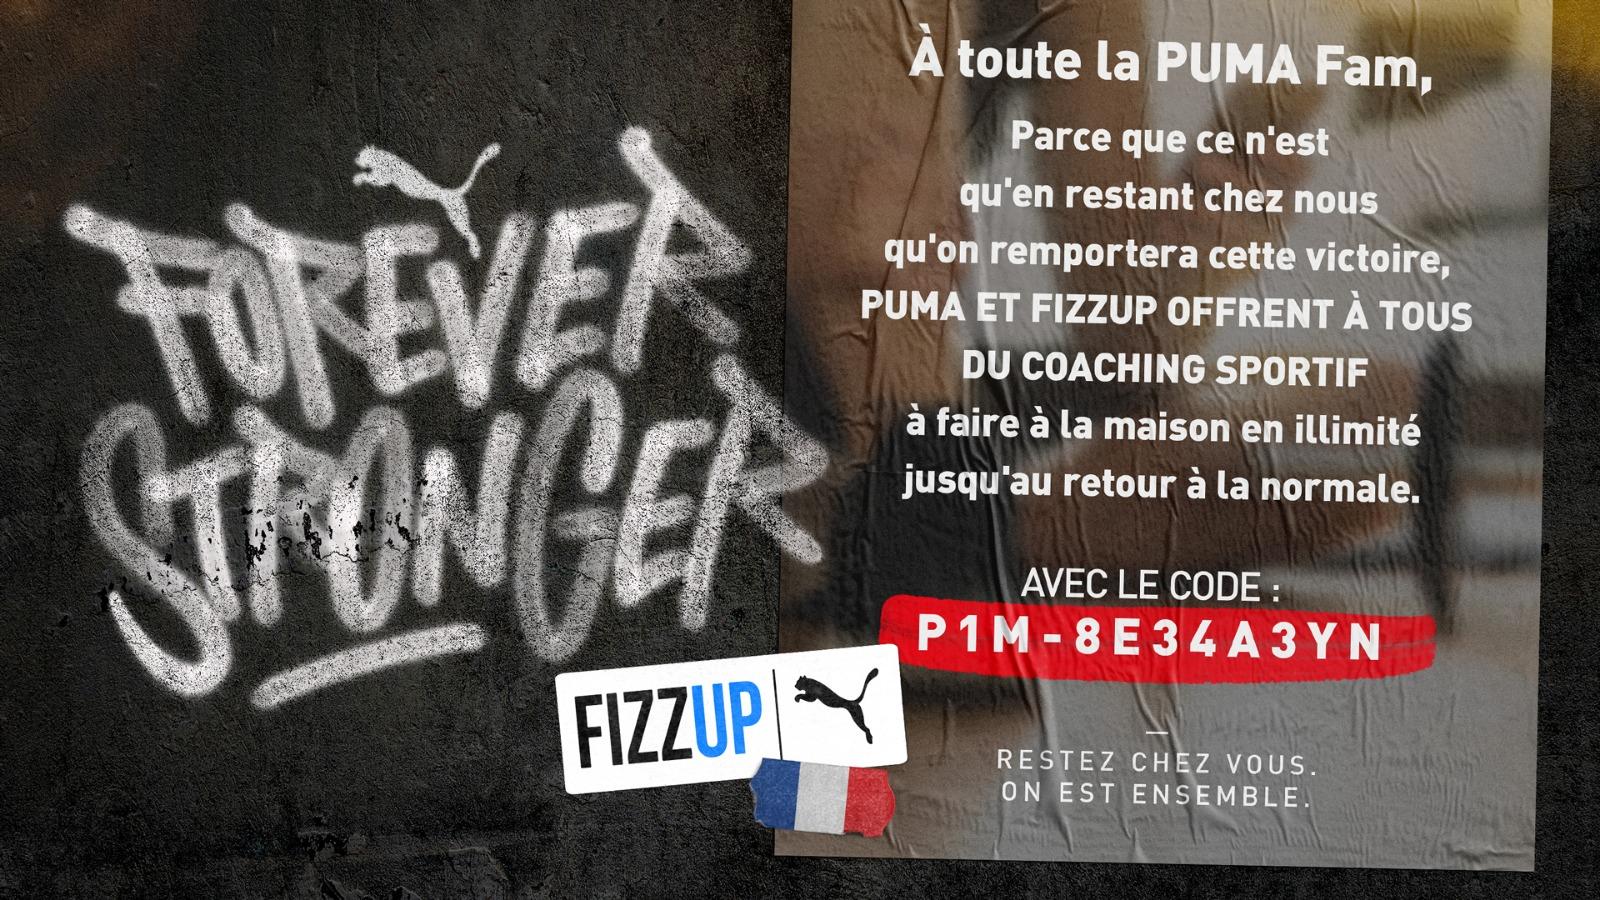 Puma et l'application FizzUp offrent du home training pour